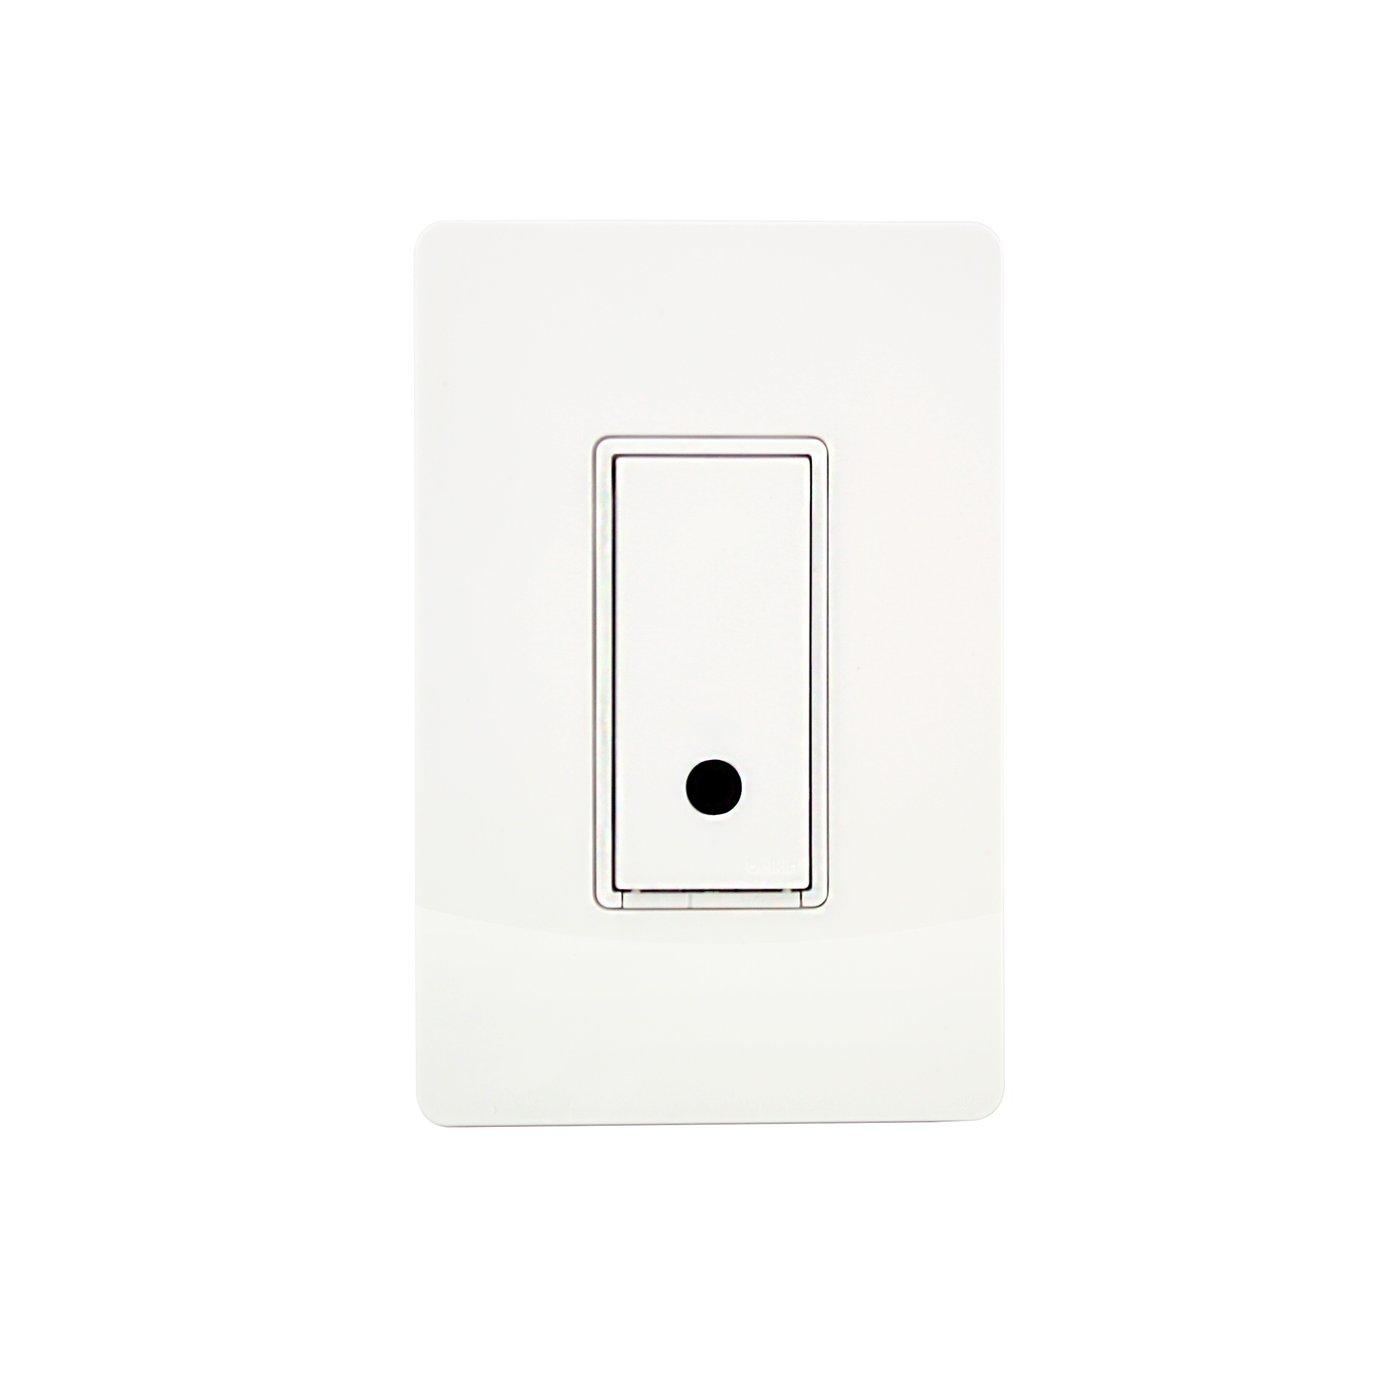 Towel Warmers Wi Fi WeMo Light Switch CO WM SW F7C